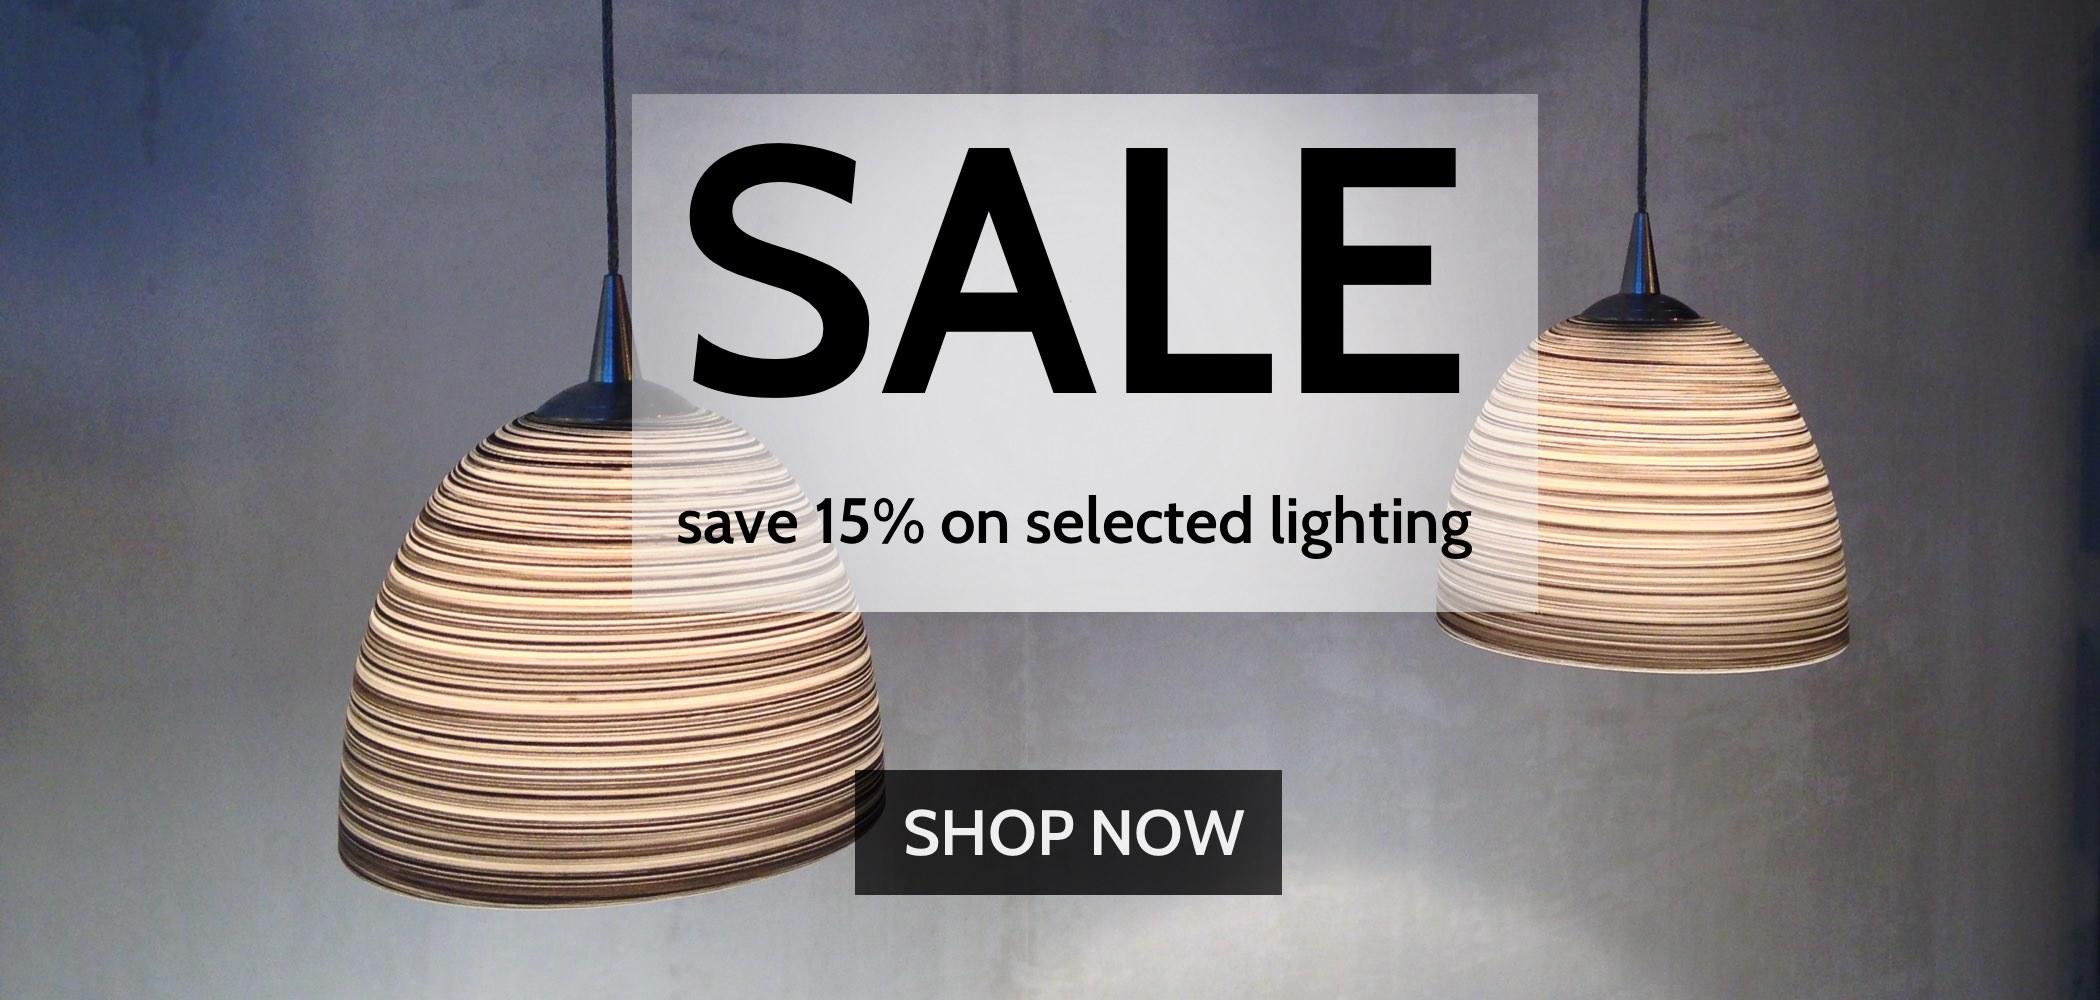 15% OFF Lighting